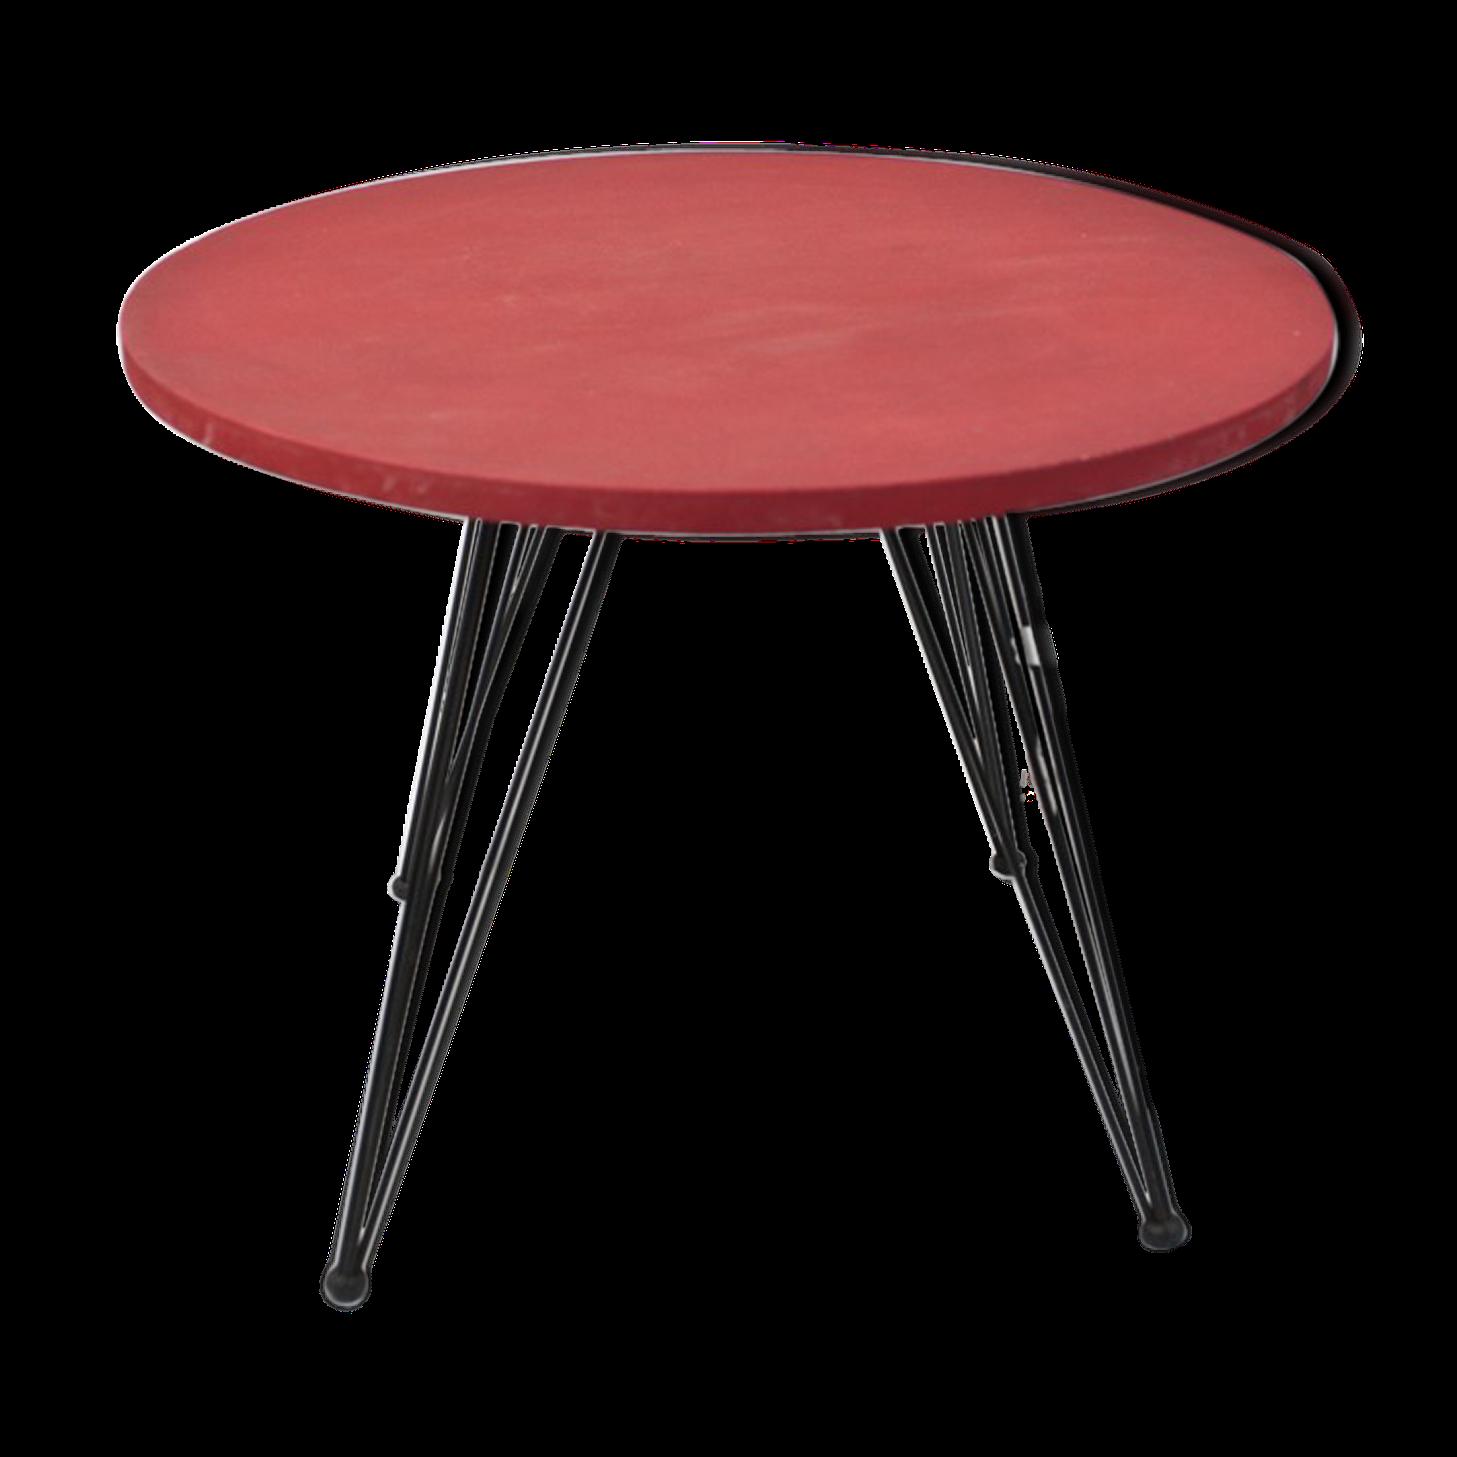 Table Basse Rouge Année 50   Bois (Matériau)   Rouge   Vintage   1j0Tc8w